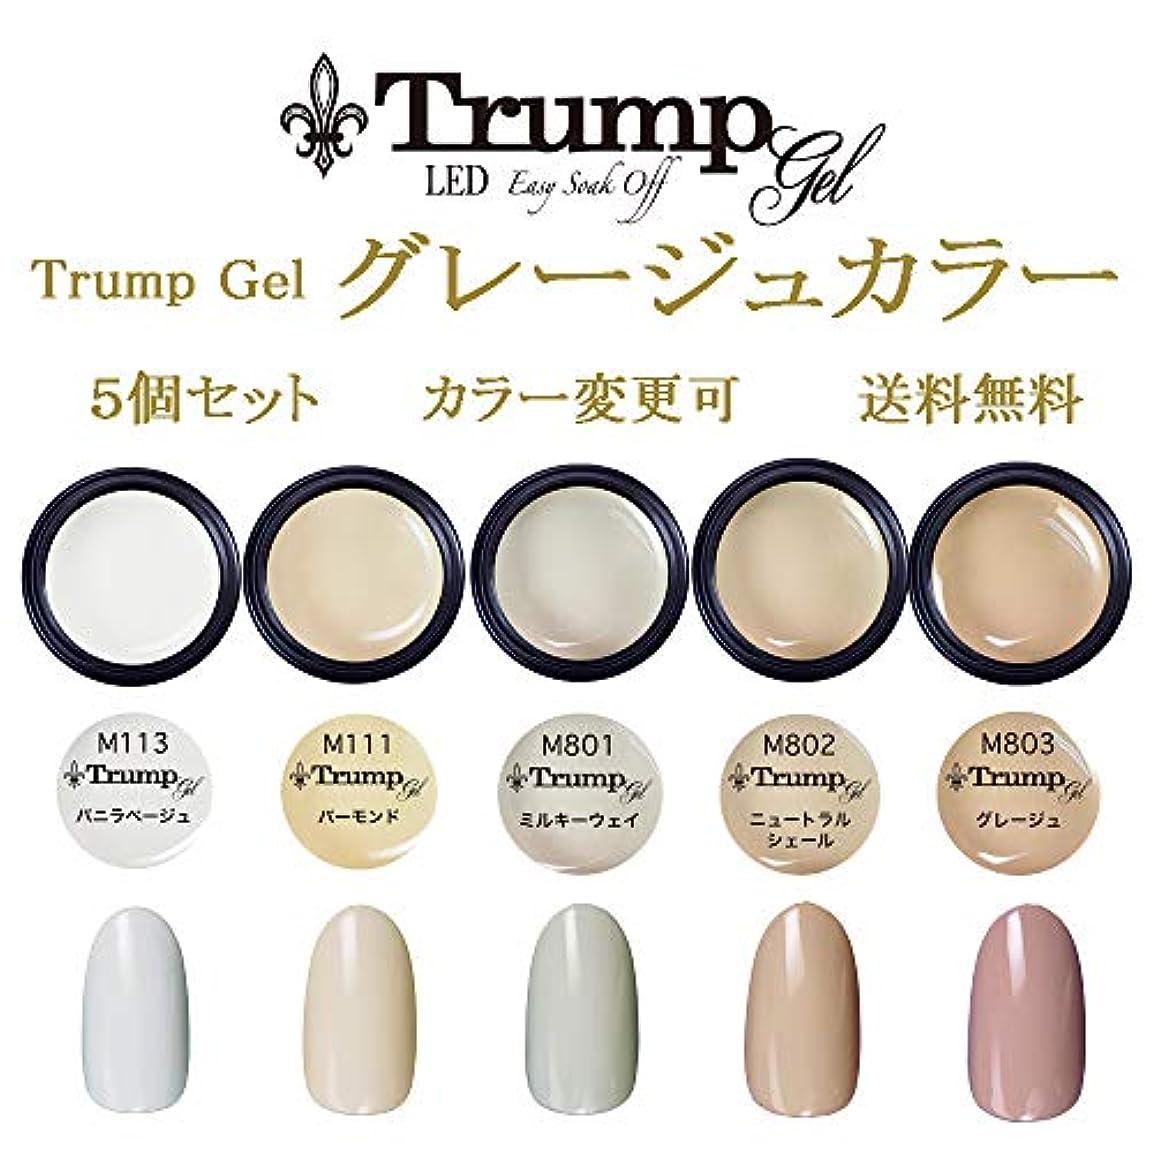 しなやかなフォルダ良性日本製 Trump gel トランプジェル グレージュカラー 選べる カラージェル 5個セット ホワイト ベージュ ピンク スモーク